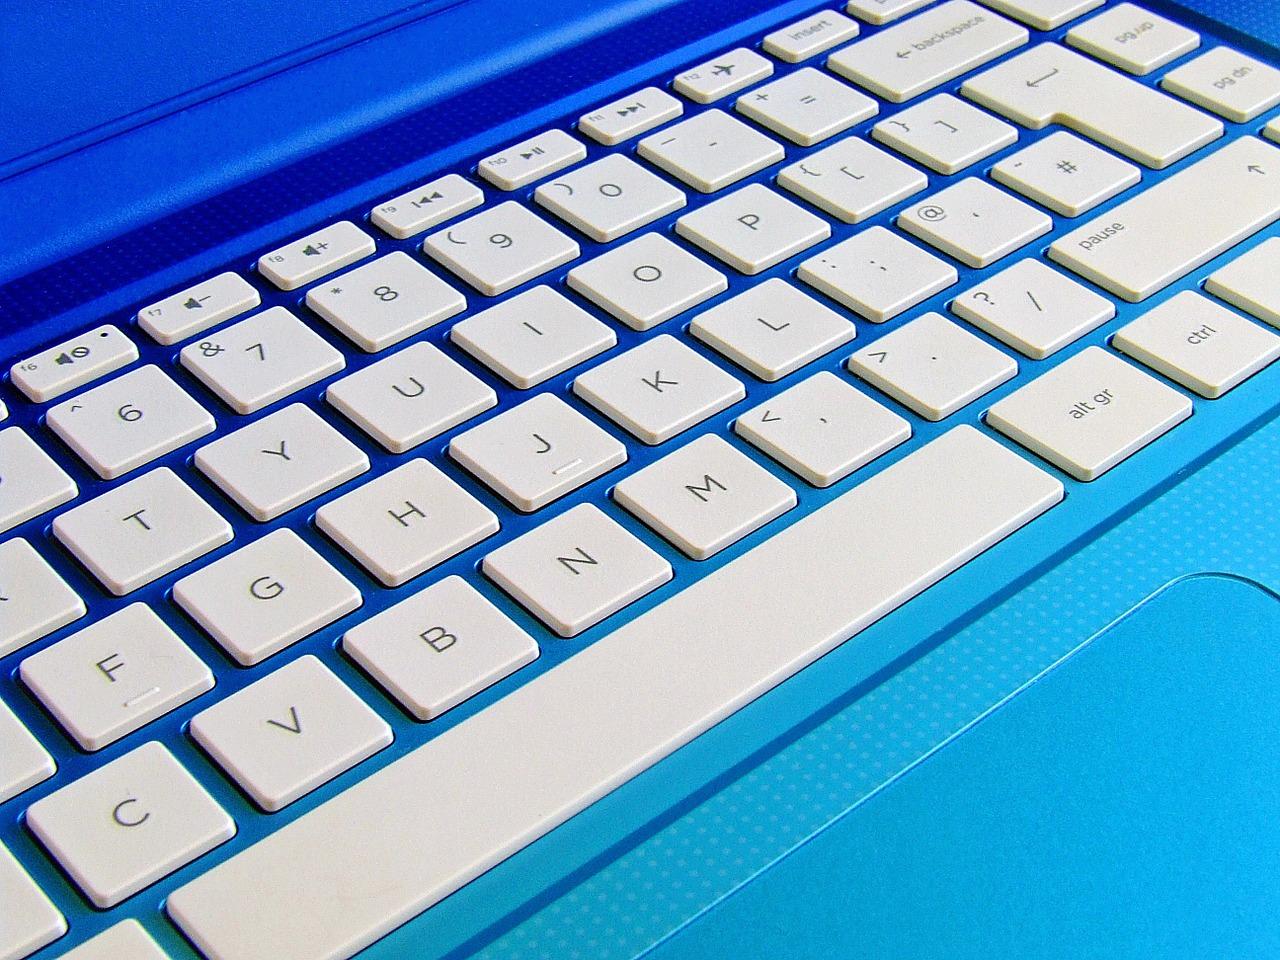 laptop-russische-tastatur-1036970_1280